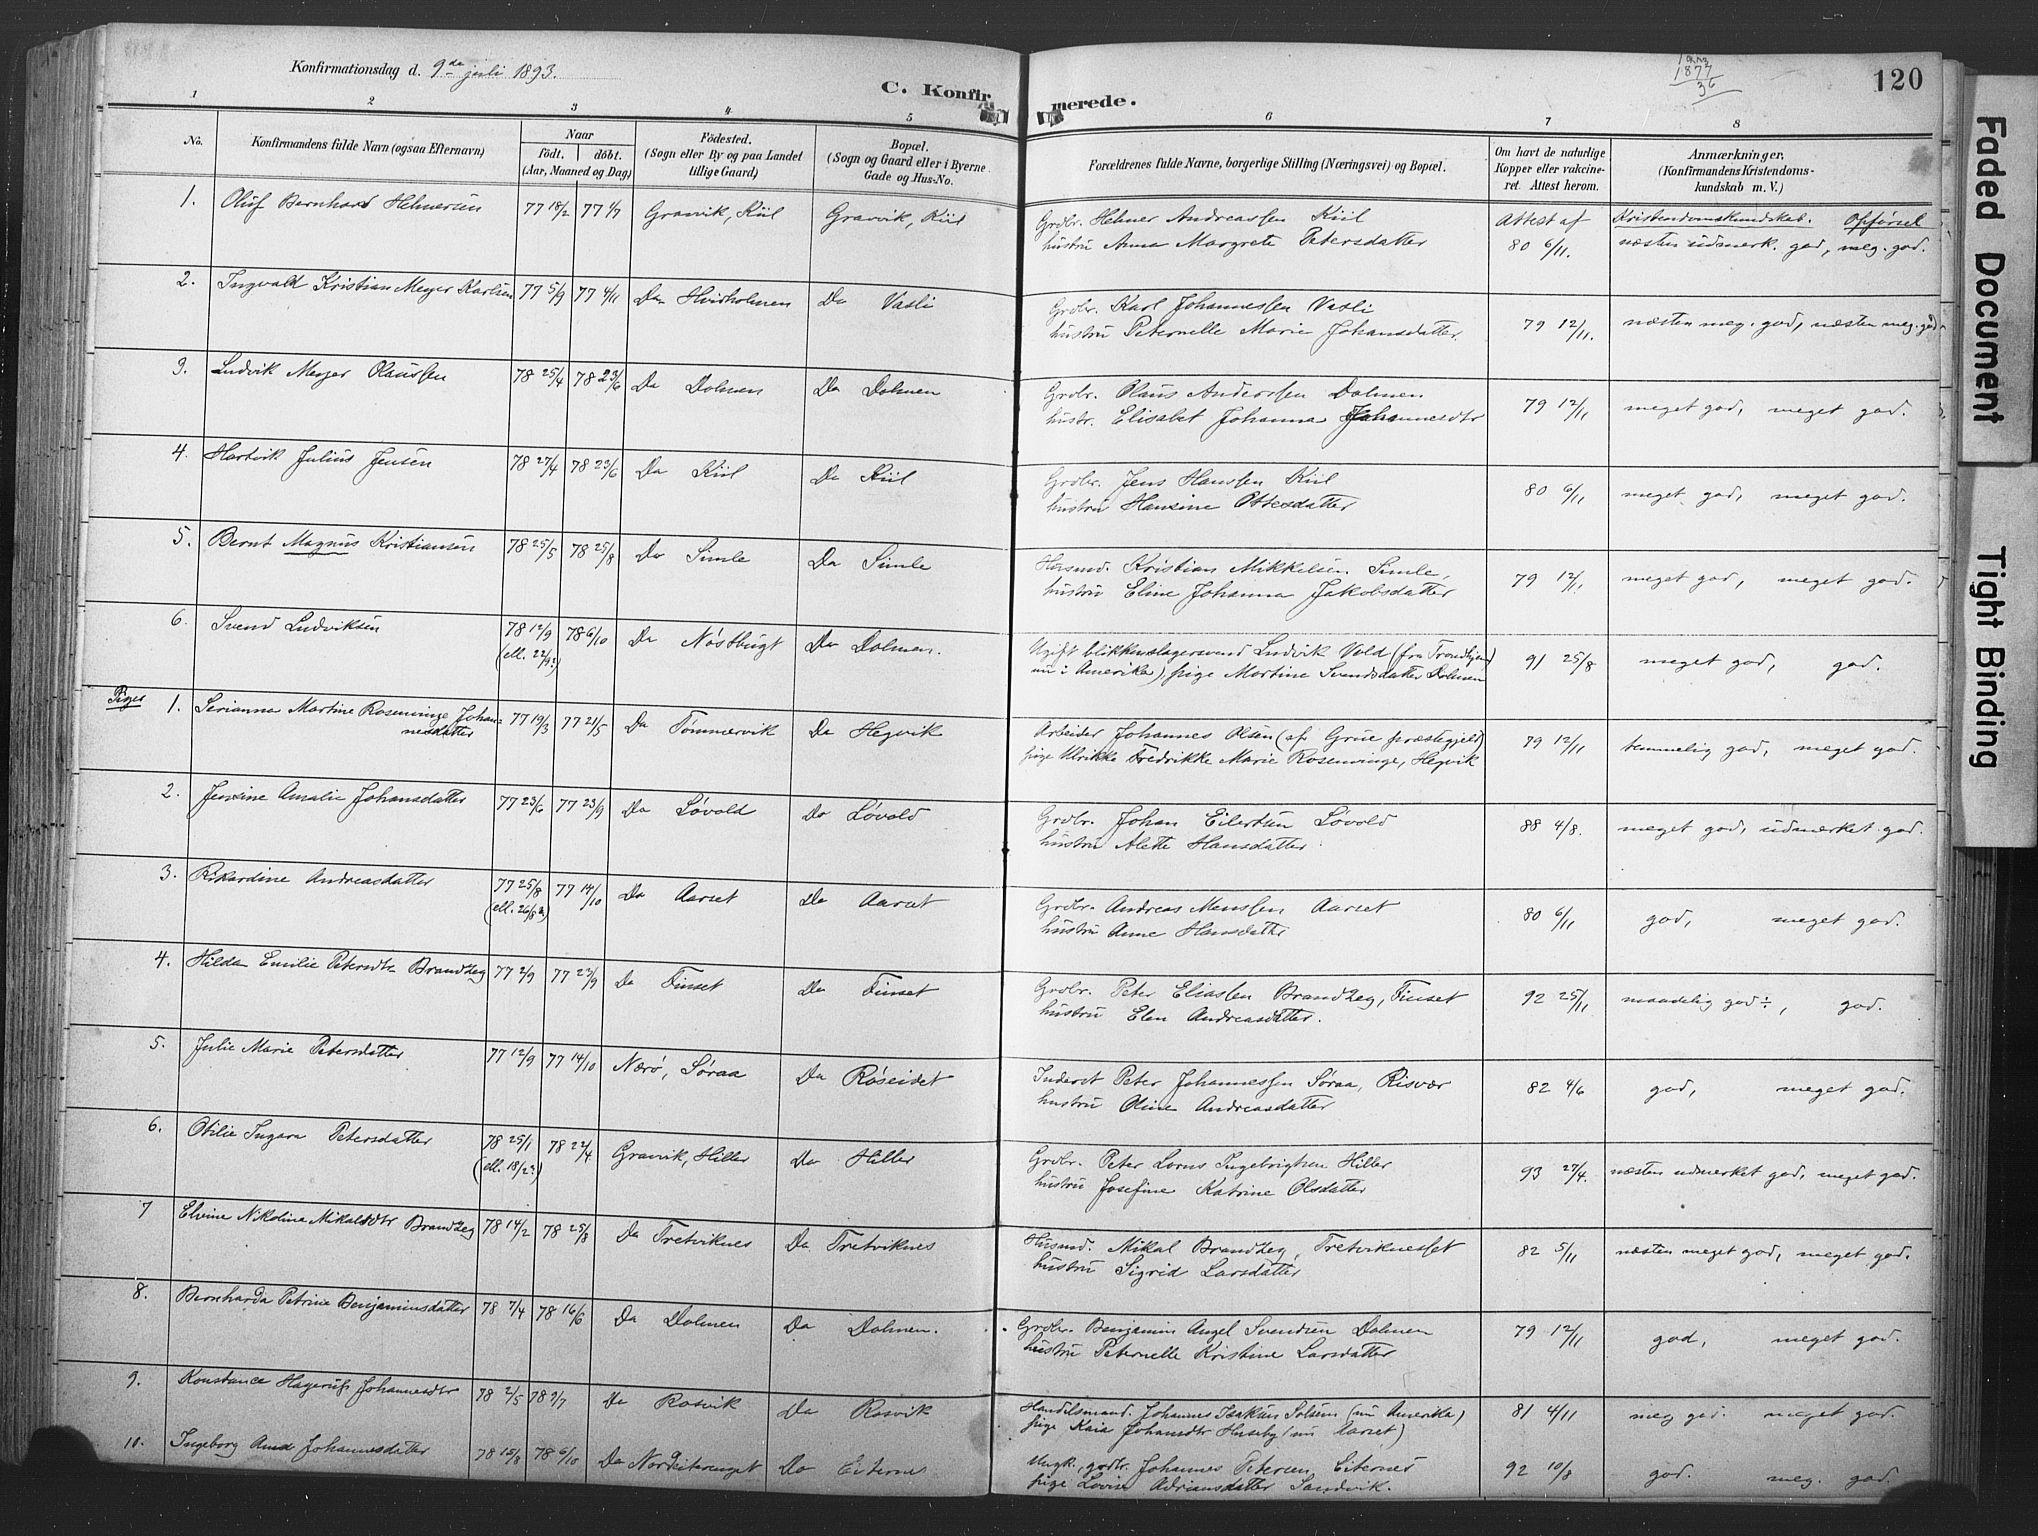 SAT, Ministerialprotokoller, klokkerbøker og fødselsregistre - Nord-Trøndelag, 789/L0706: Klokkerbok nr. 789C01, 1888-1931, s. 120